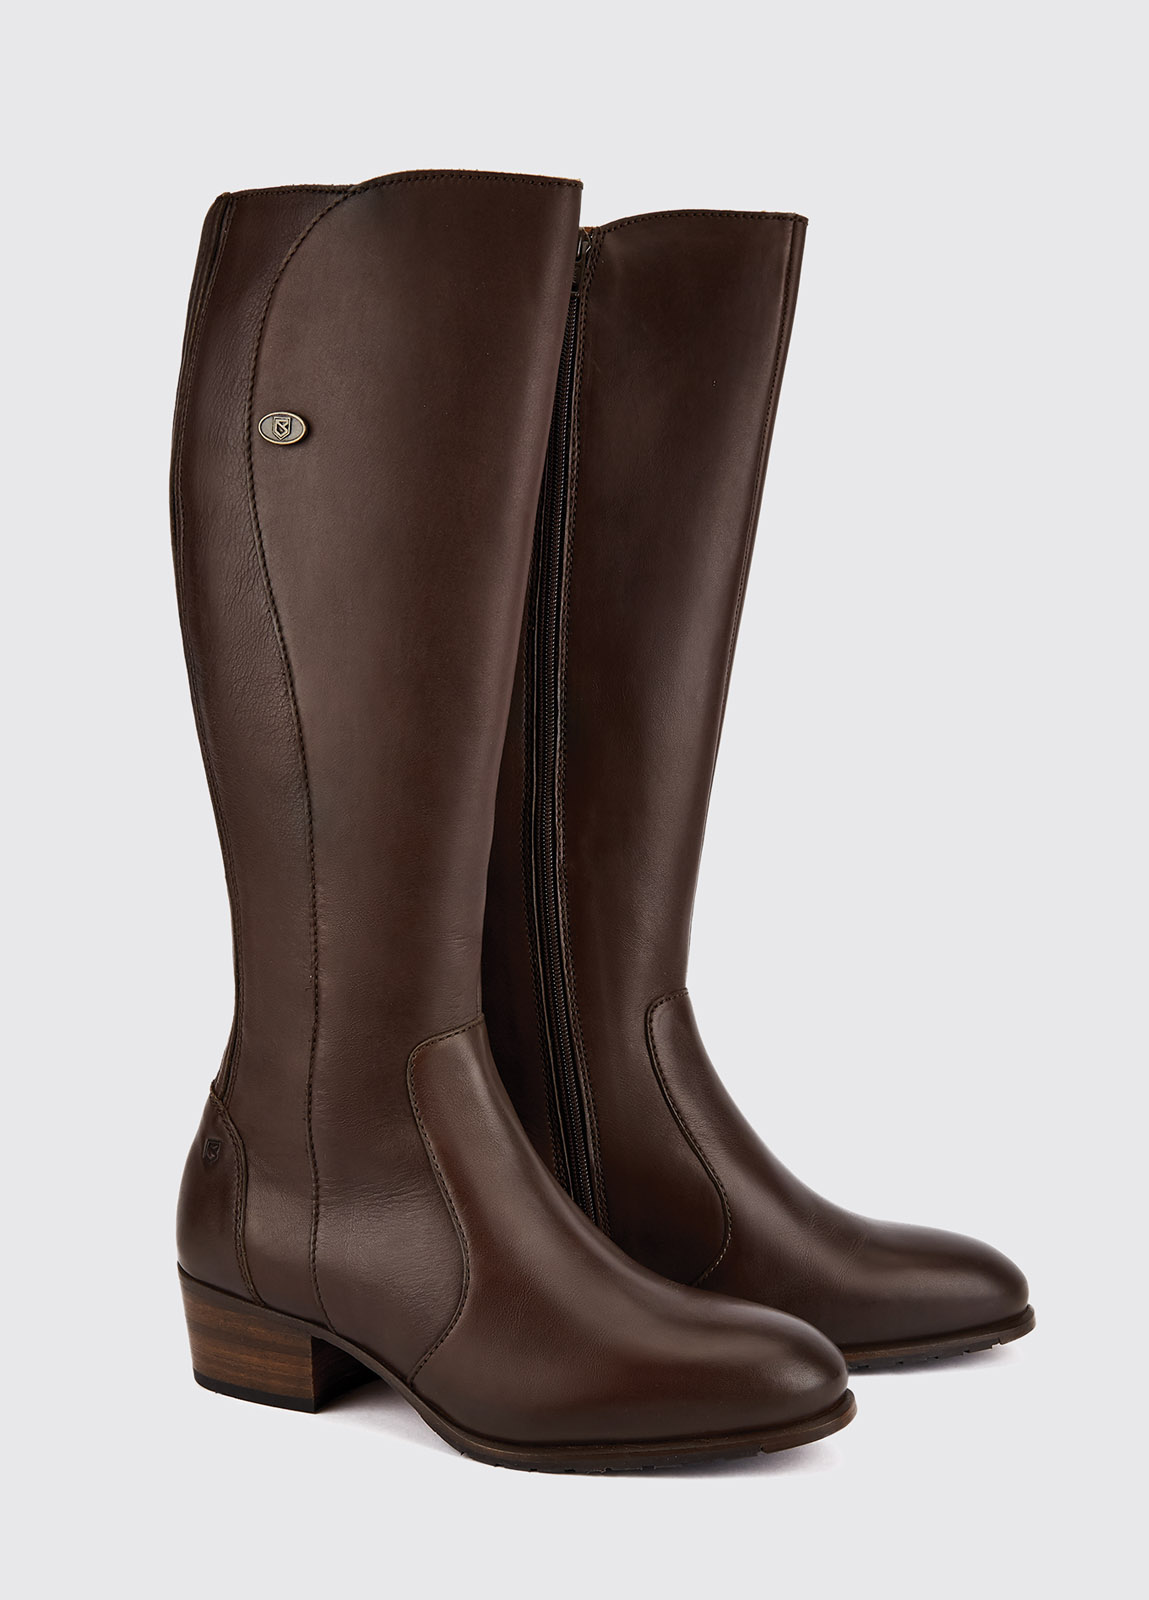 Downpatrick Knee High Boot - Old Rum